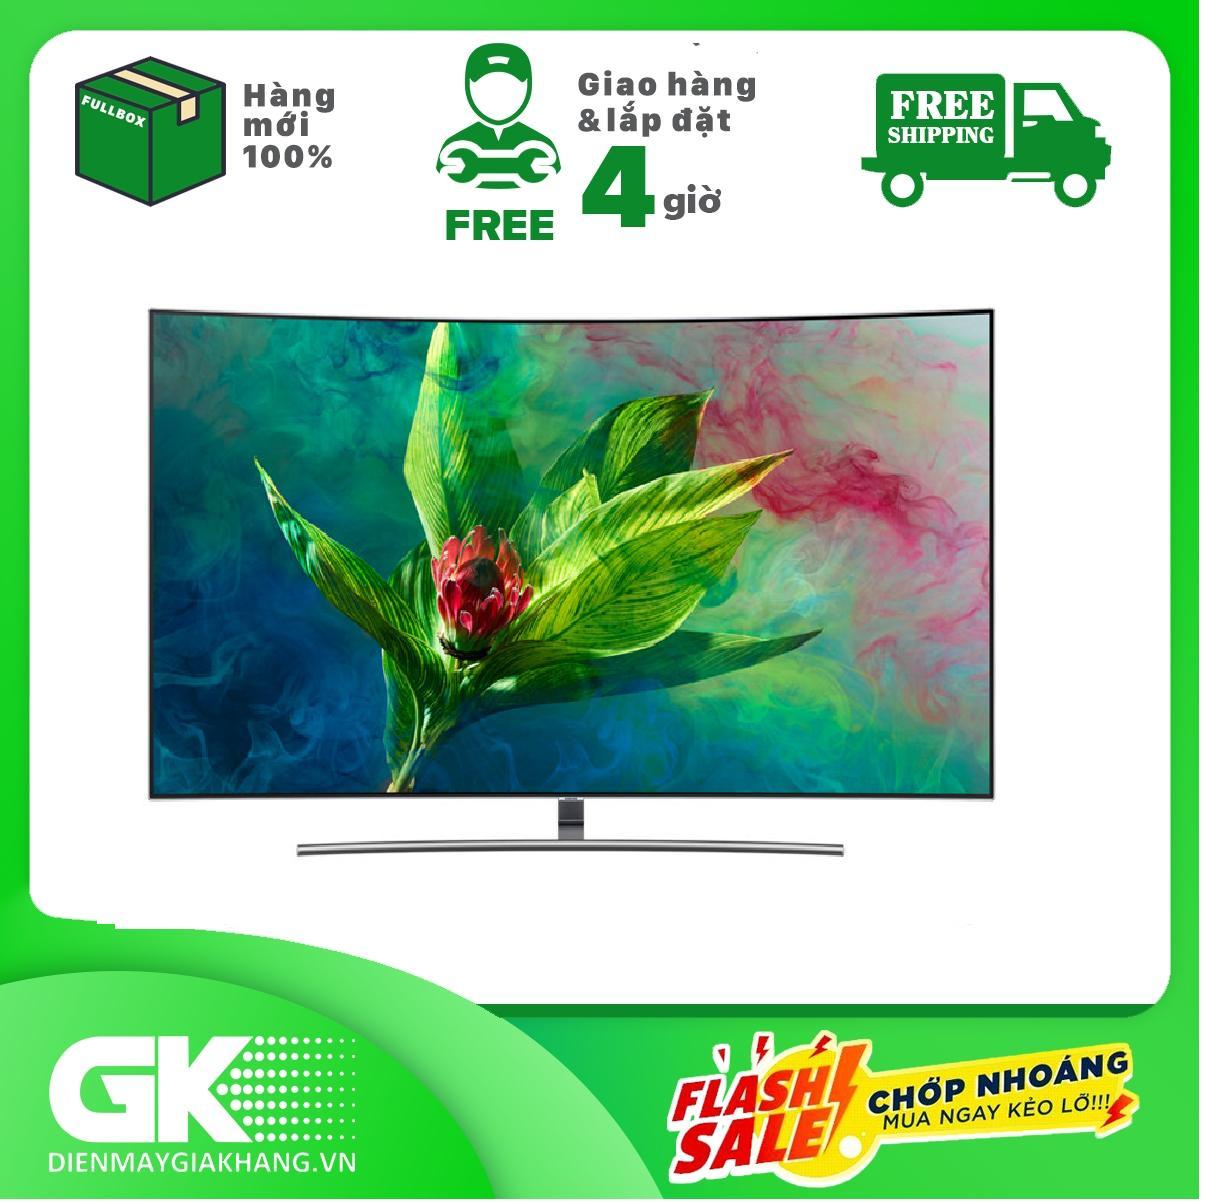 Smart TV màn hình cong Samsung 4K QLED 65 inch 65Q8CNA